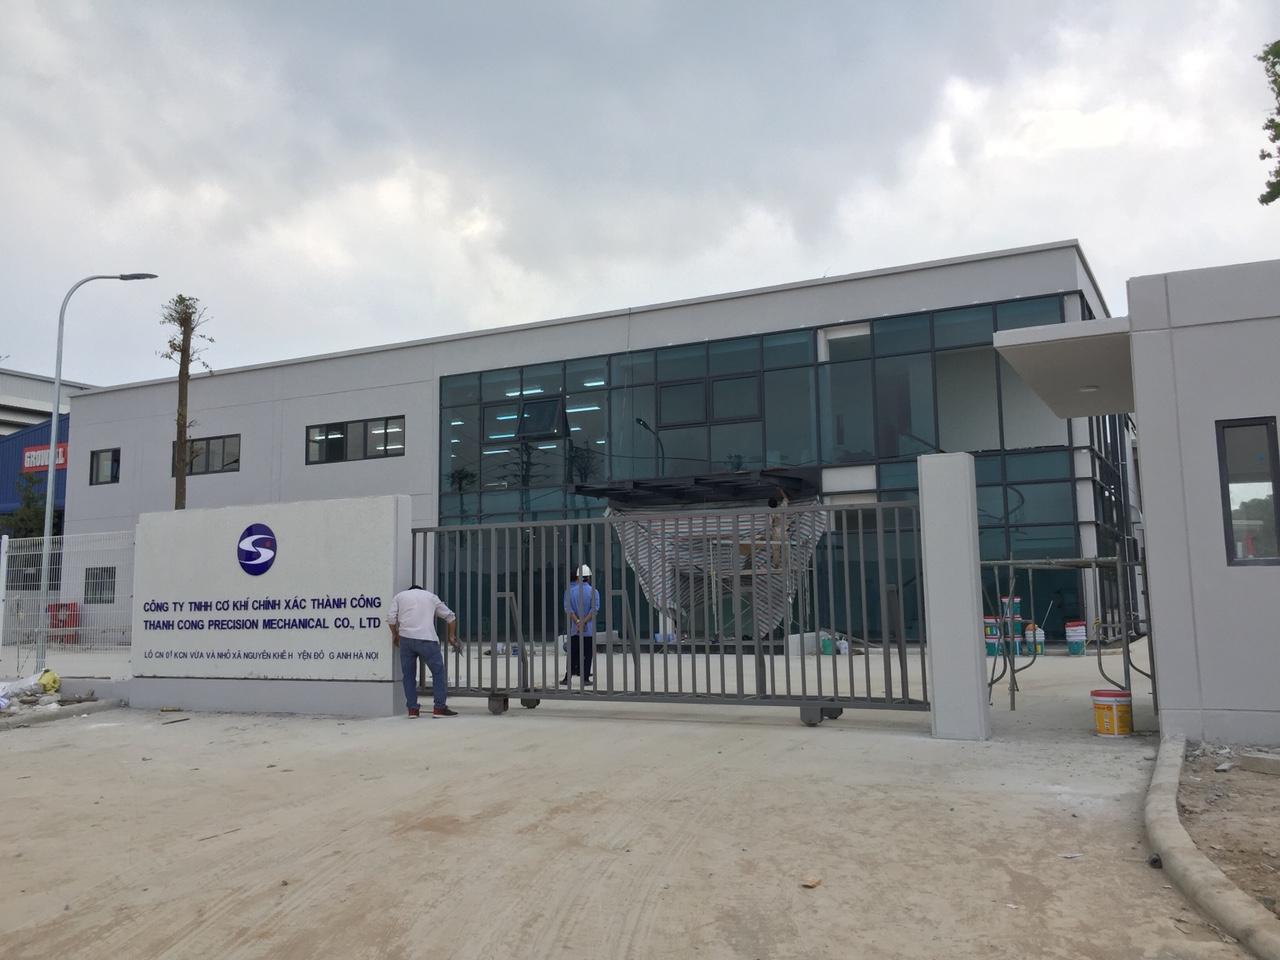 Tổng vệ sinh sau xây dựng – Nhà máy cơ khí chính xác Thành Công